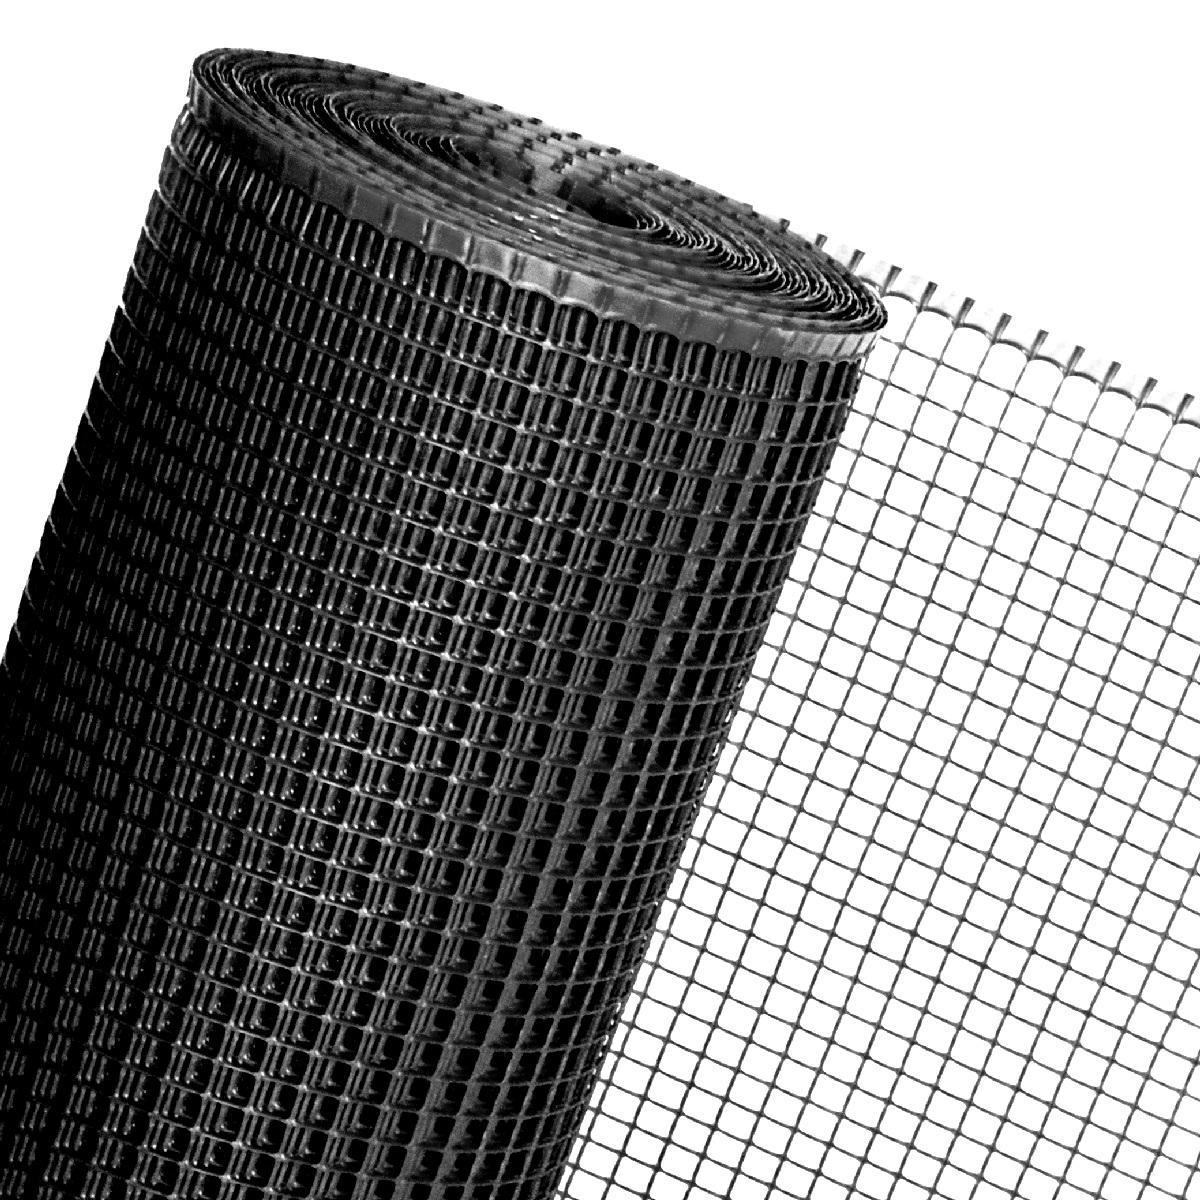 KUNSTSTOFFZAUN schwarz in 0,6m Höhe (Meterware) Quadratmaschen 15mm Geflügelzaun